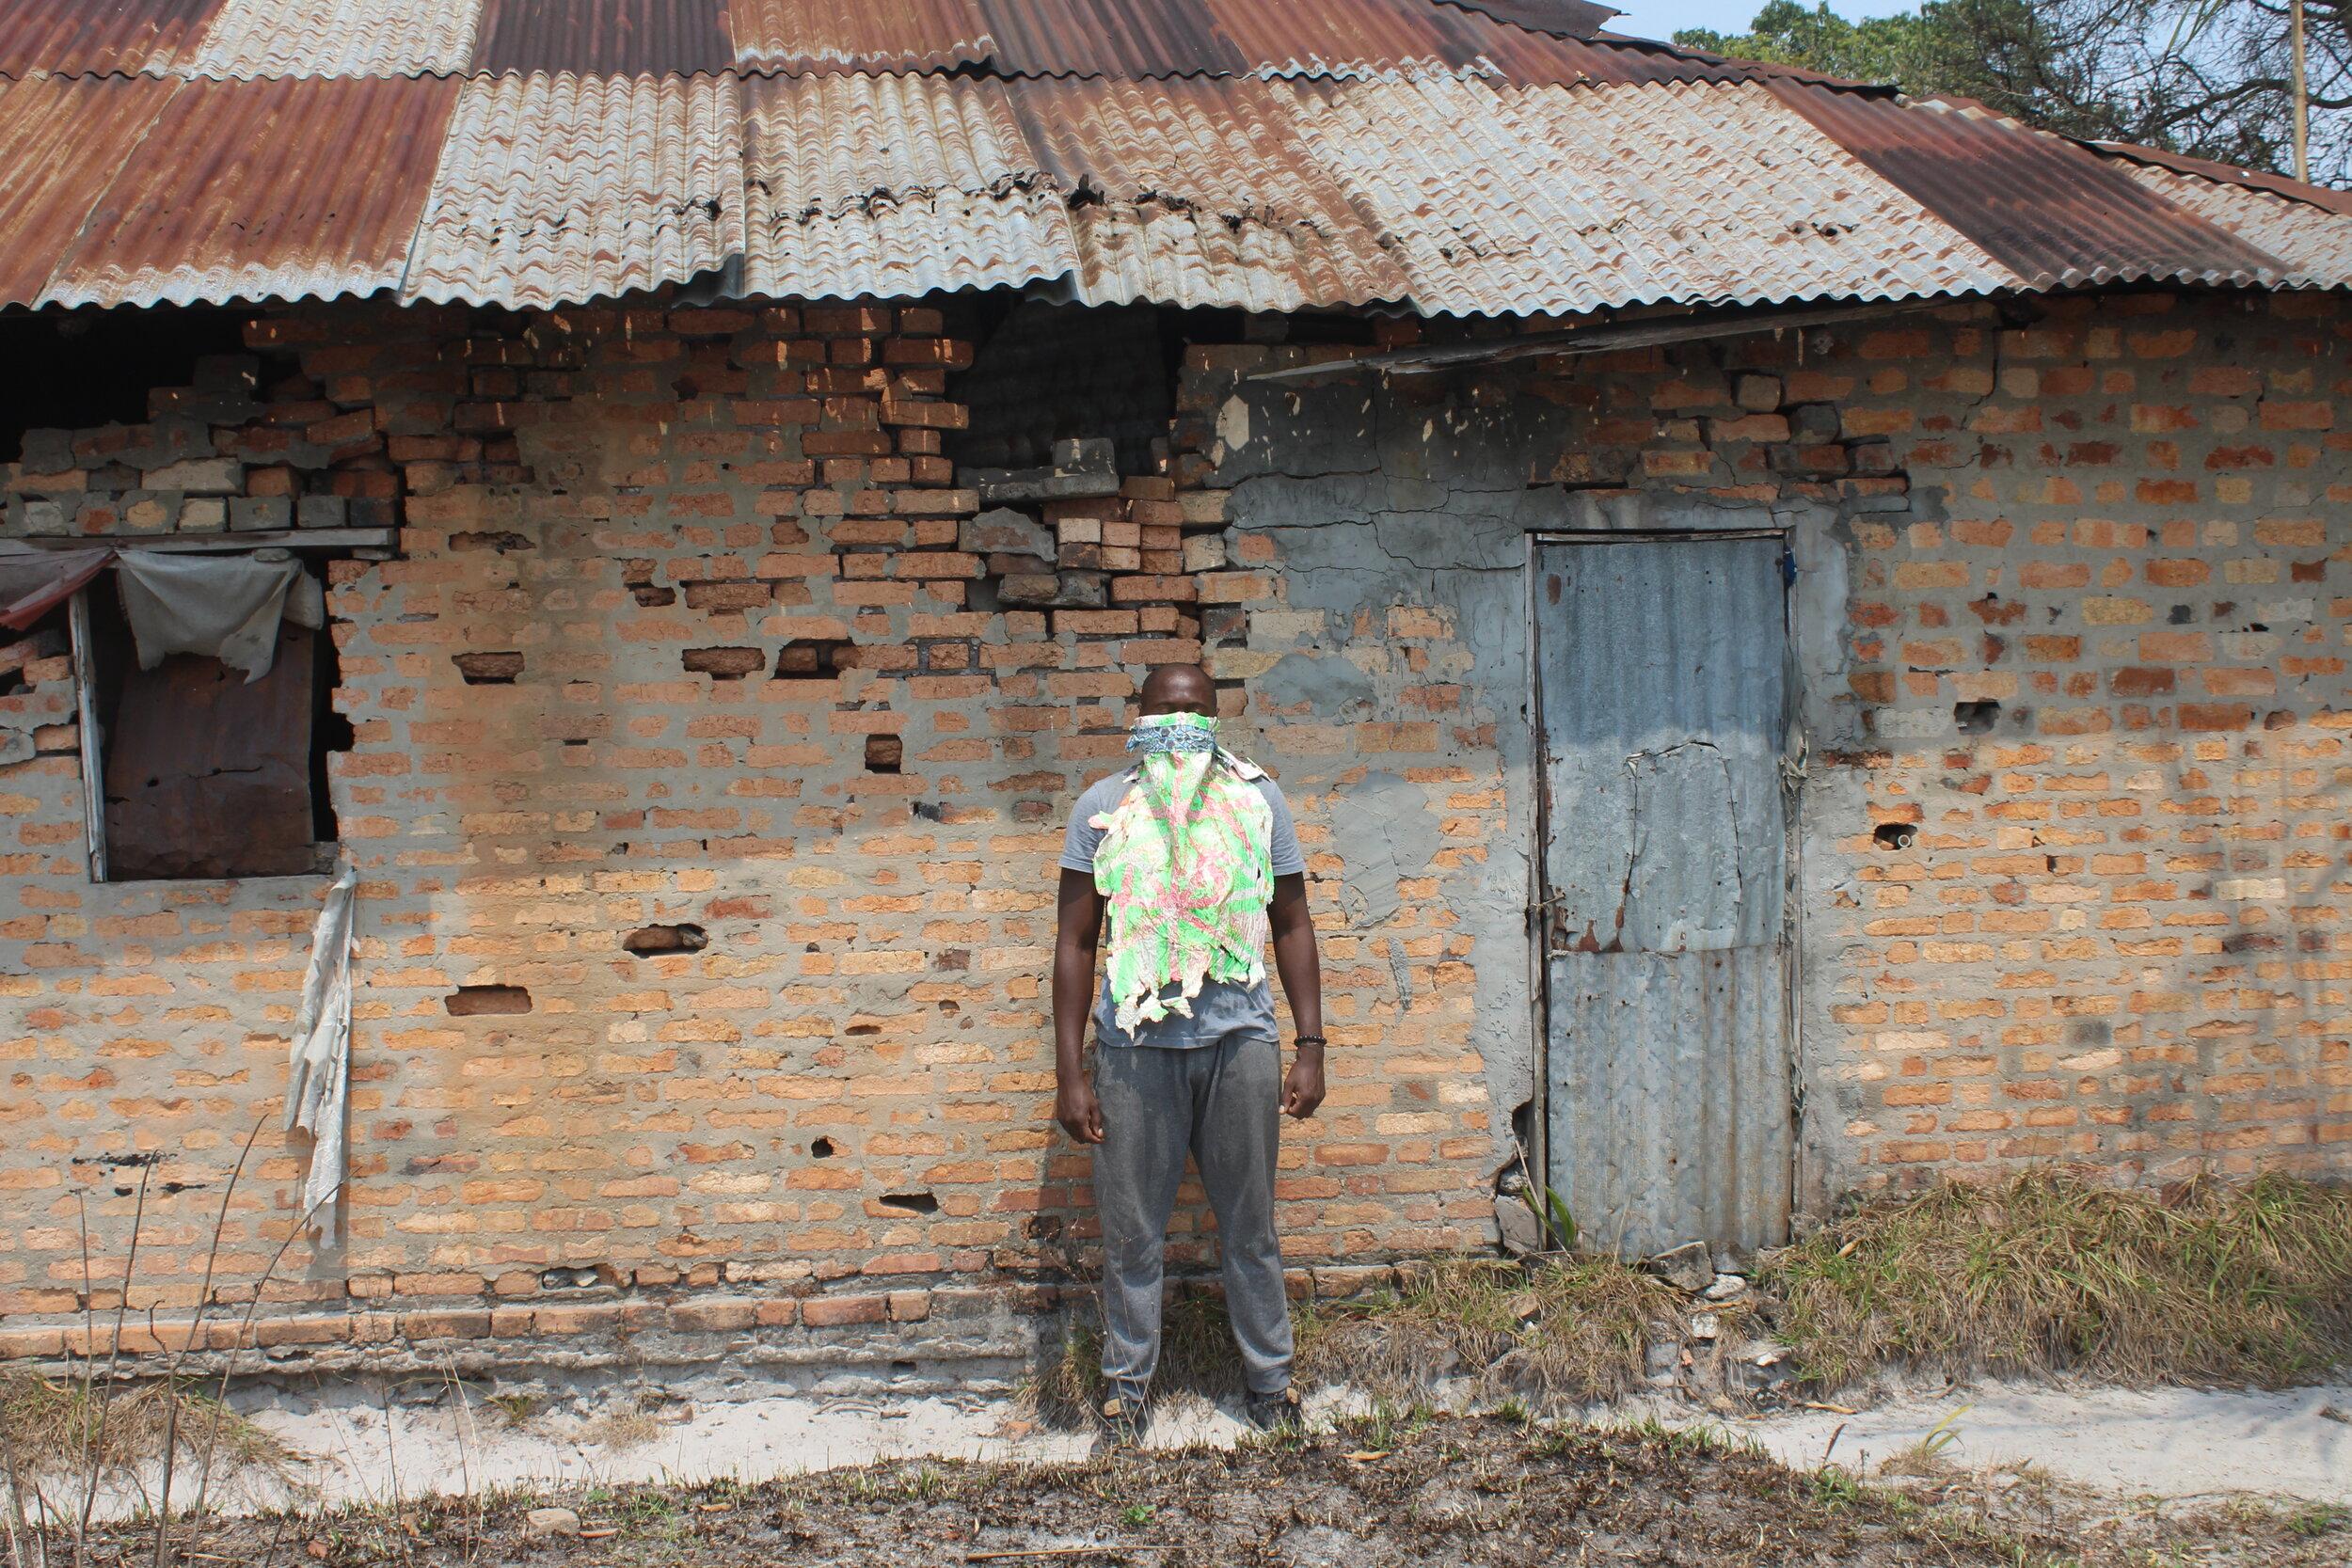 Gil_Ngole_Nomadic_Graffiti_Installation_View_variable_size_11_09_2019_Loumou_Congo (5).jpg